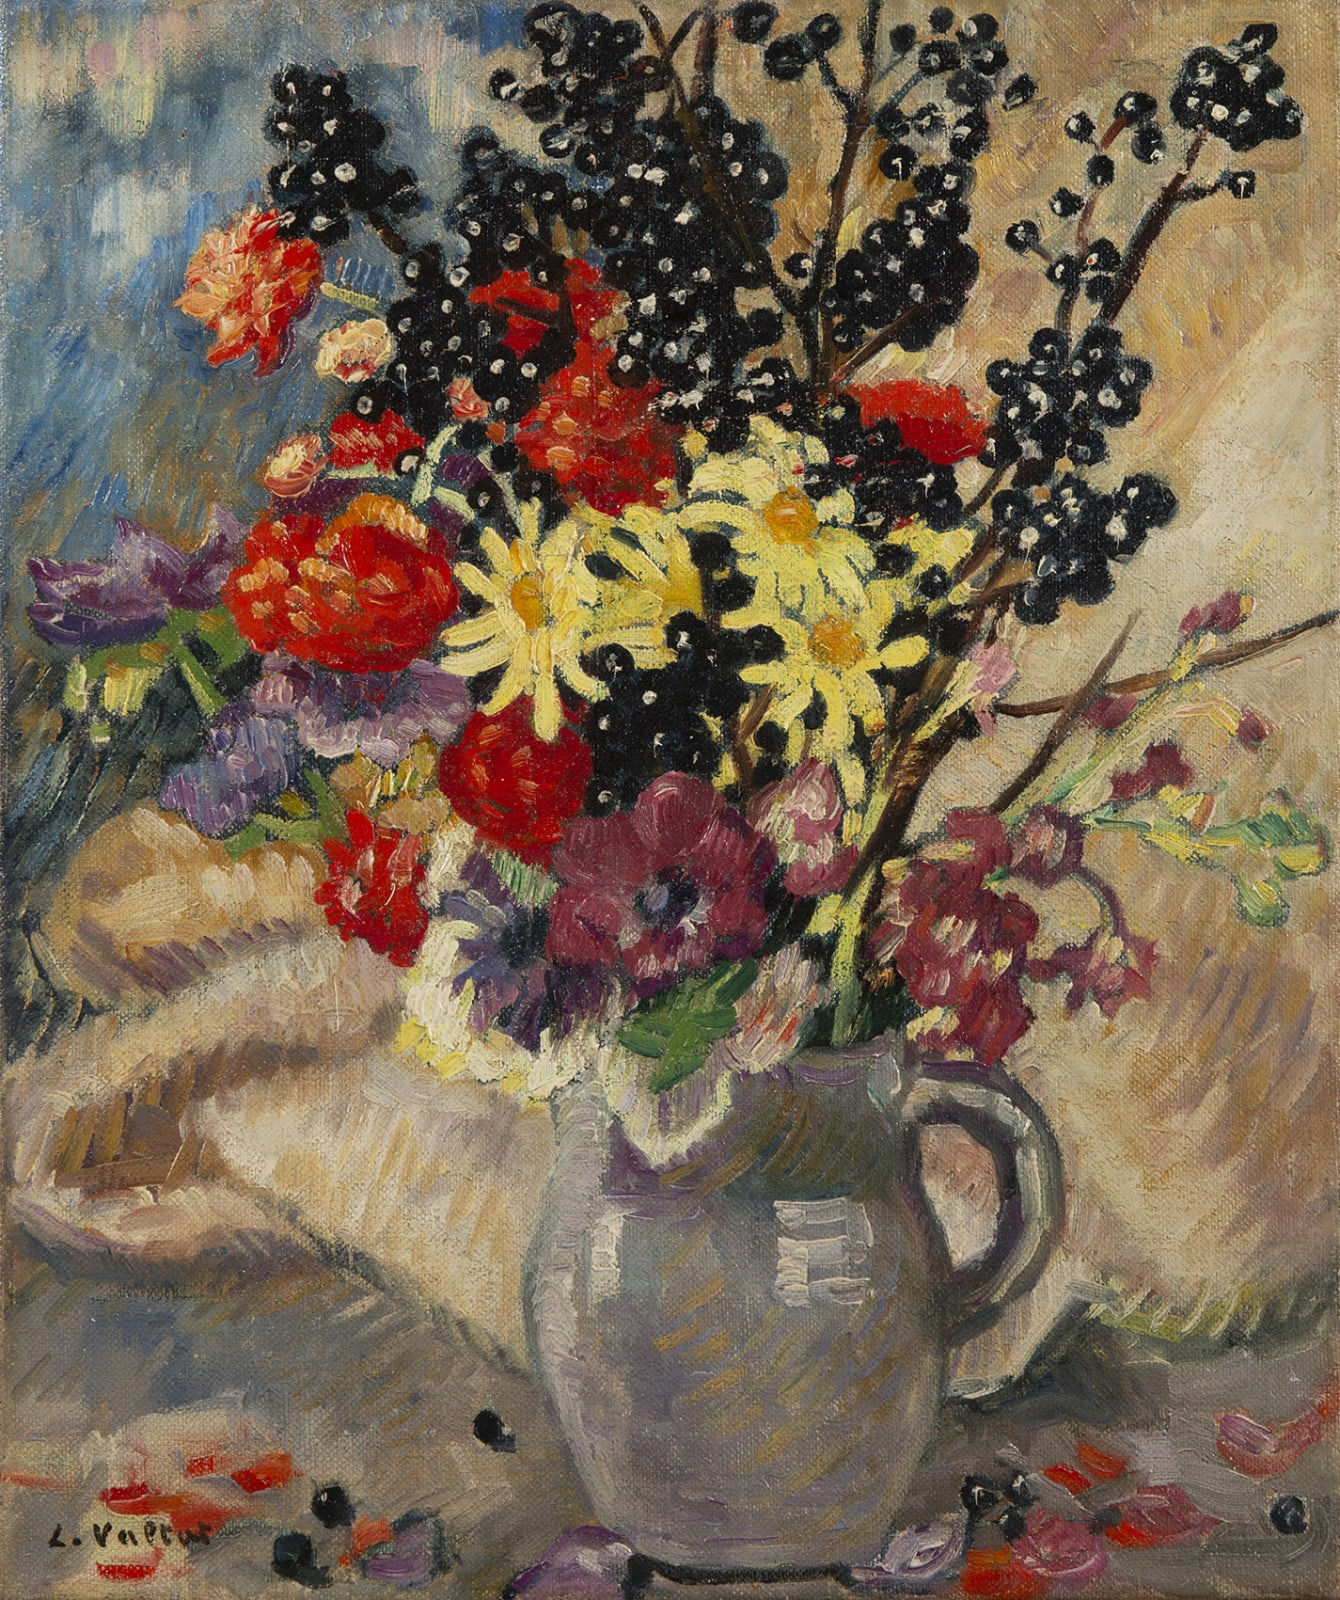 LOUIS VALTAT, Bouquet aux branches de cassissier, circa 1921